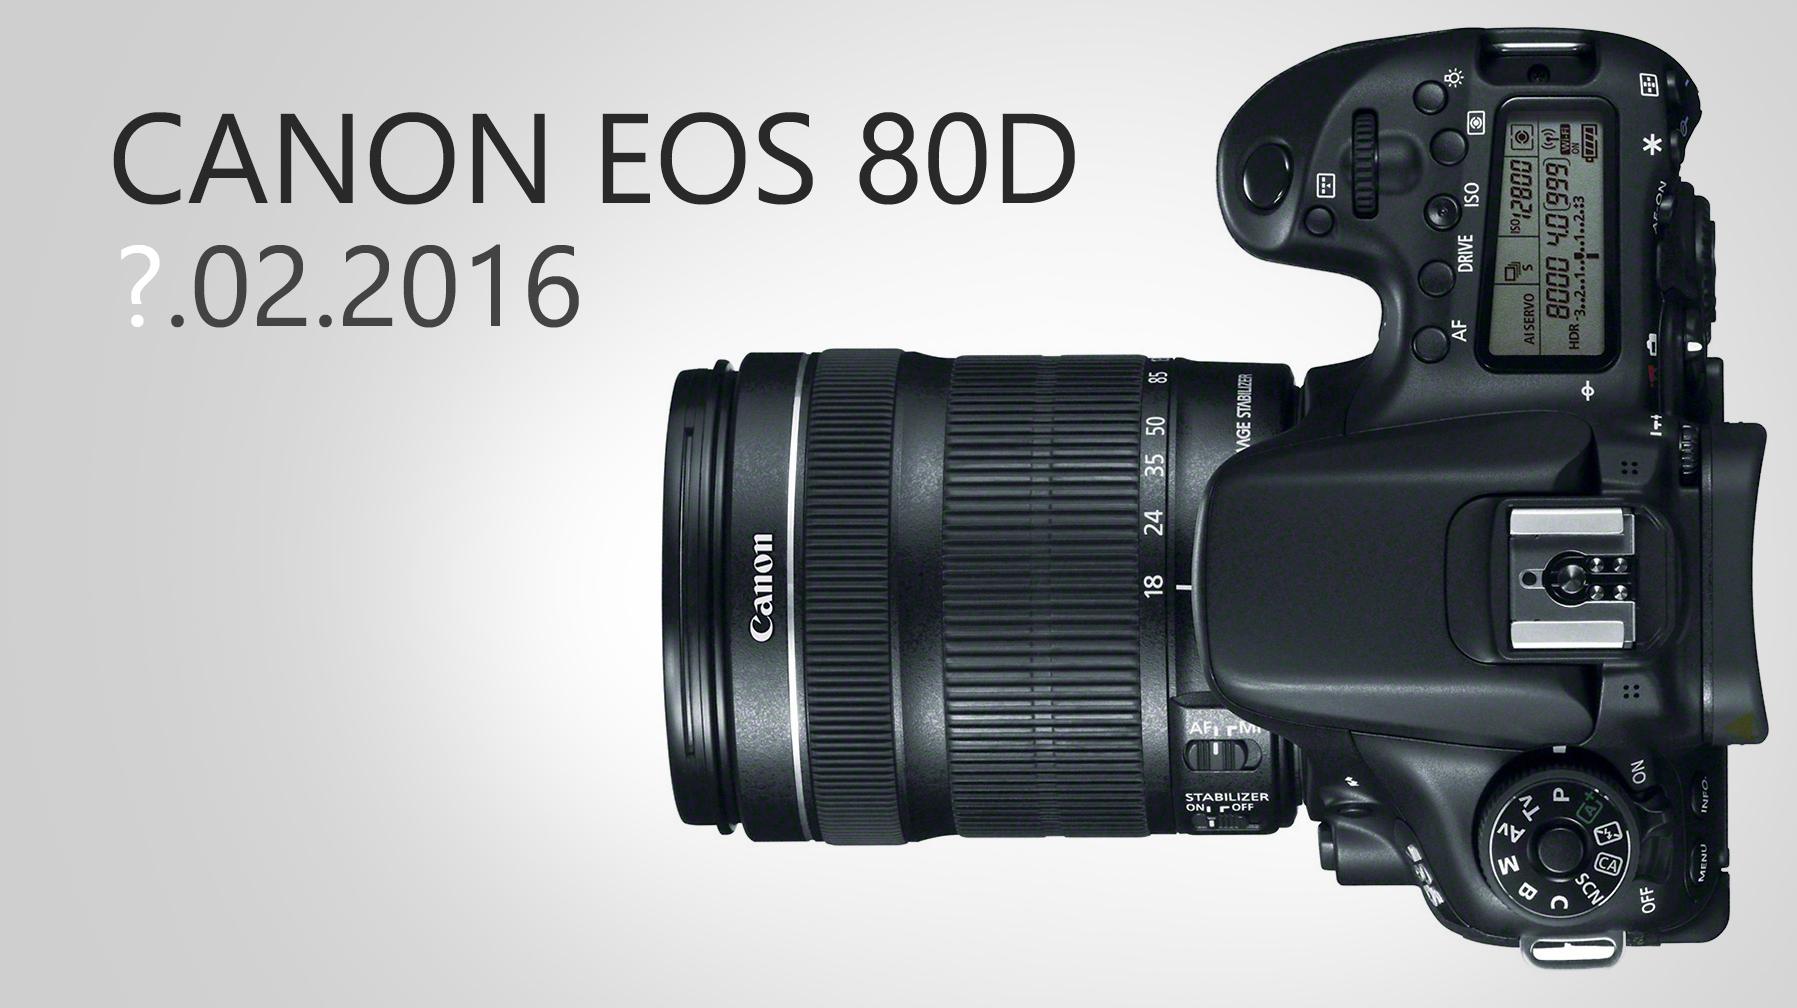 Горячие слухи: в феврале представят зеркальную камеру Canon EOS 80D